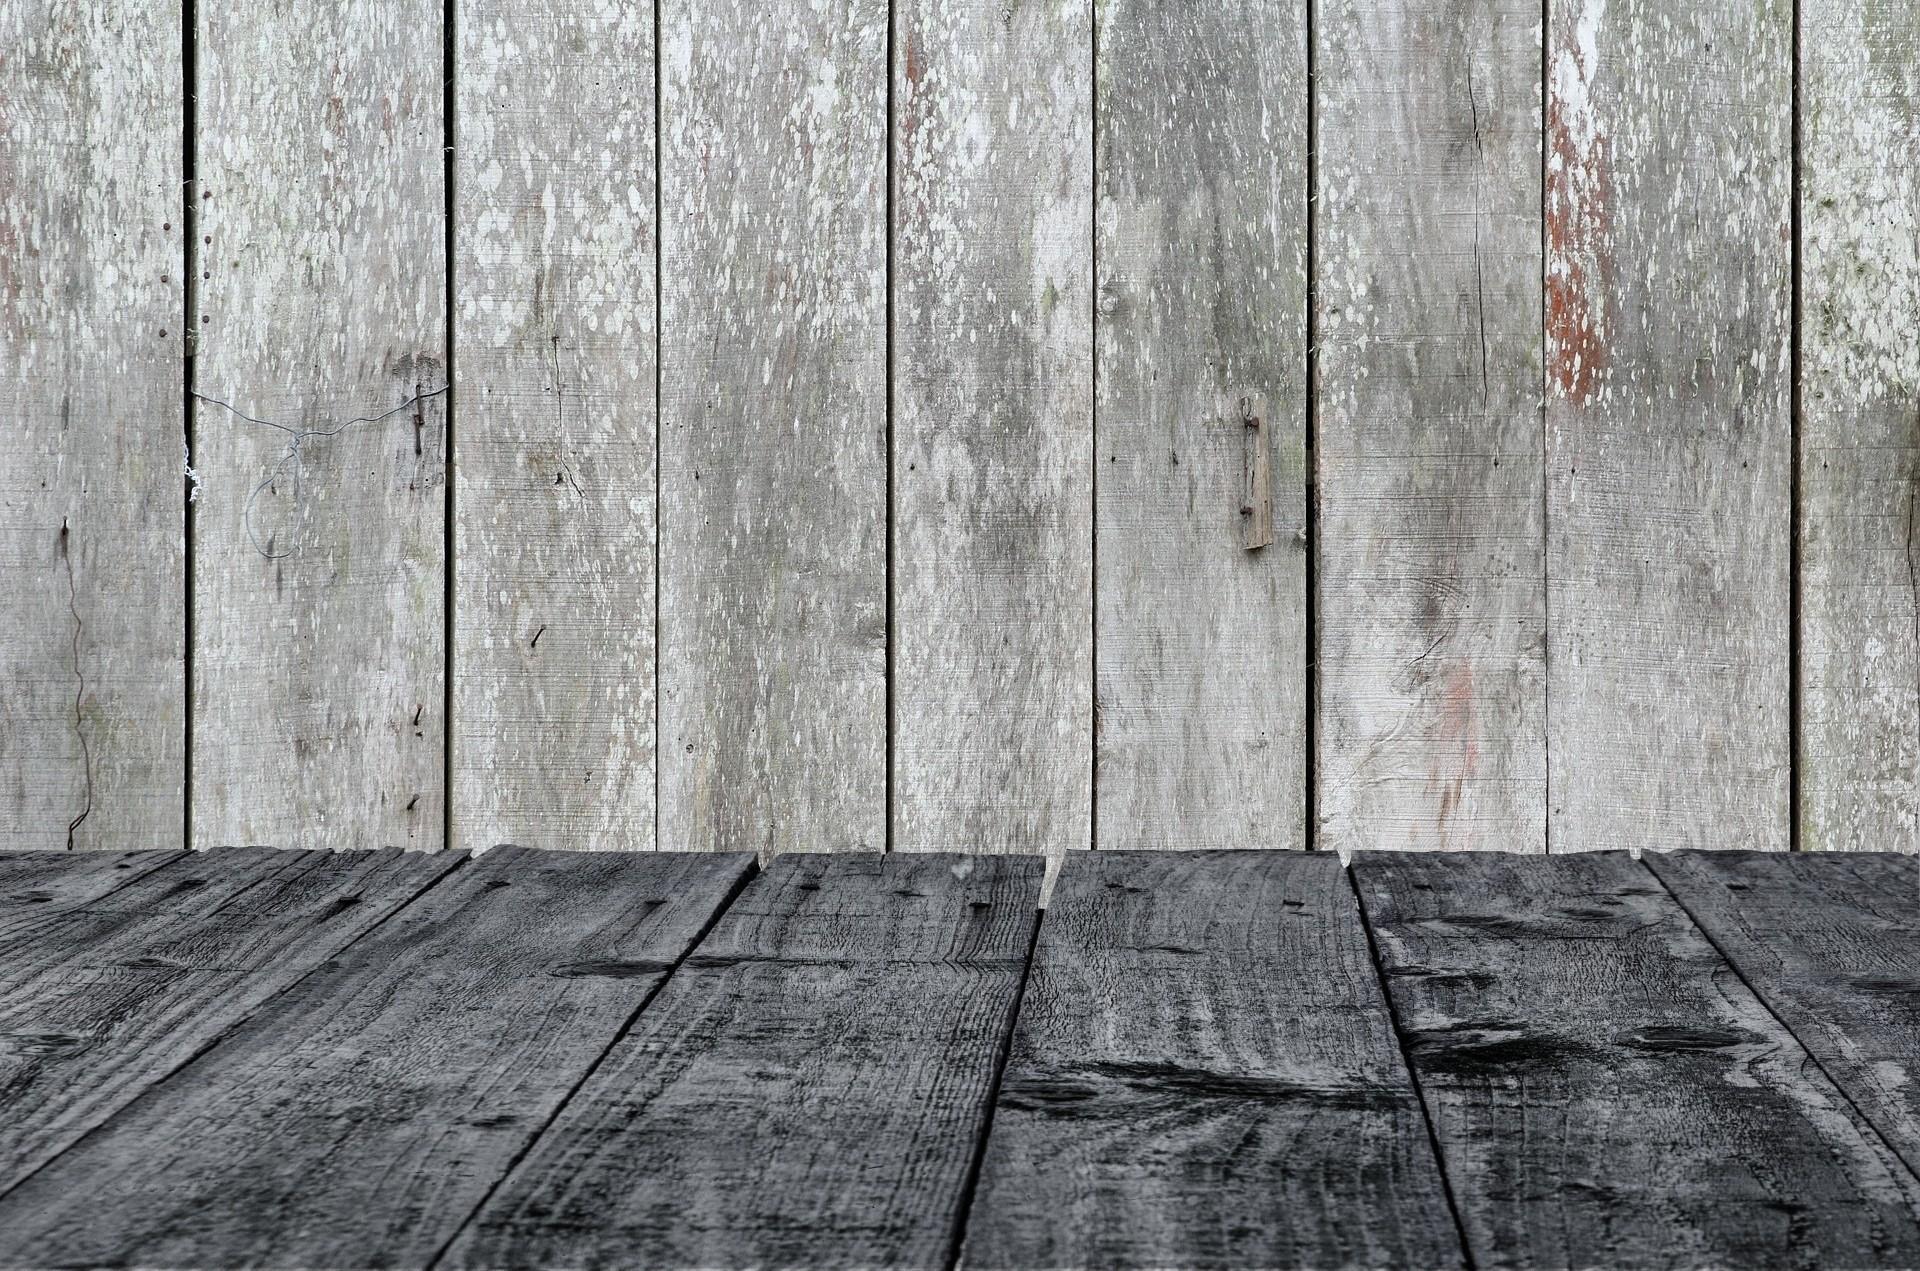 generate wallpaper. Download original image Online crop